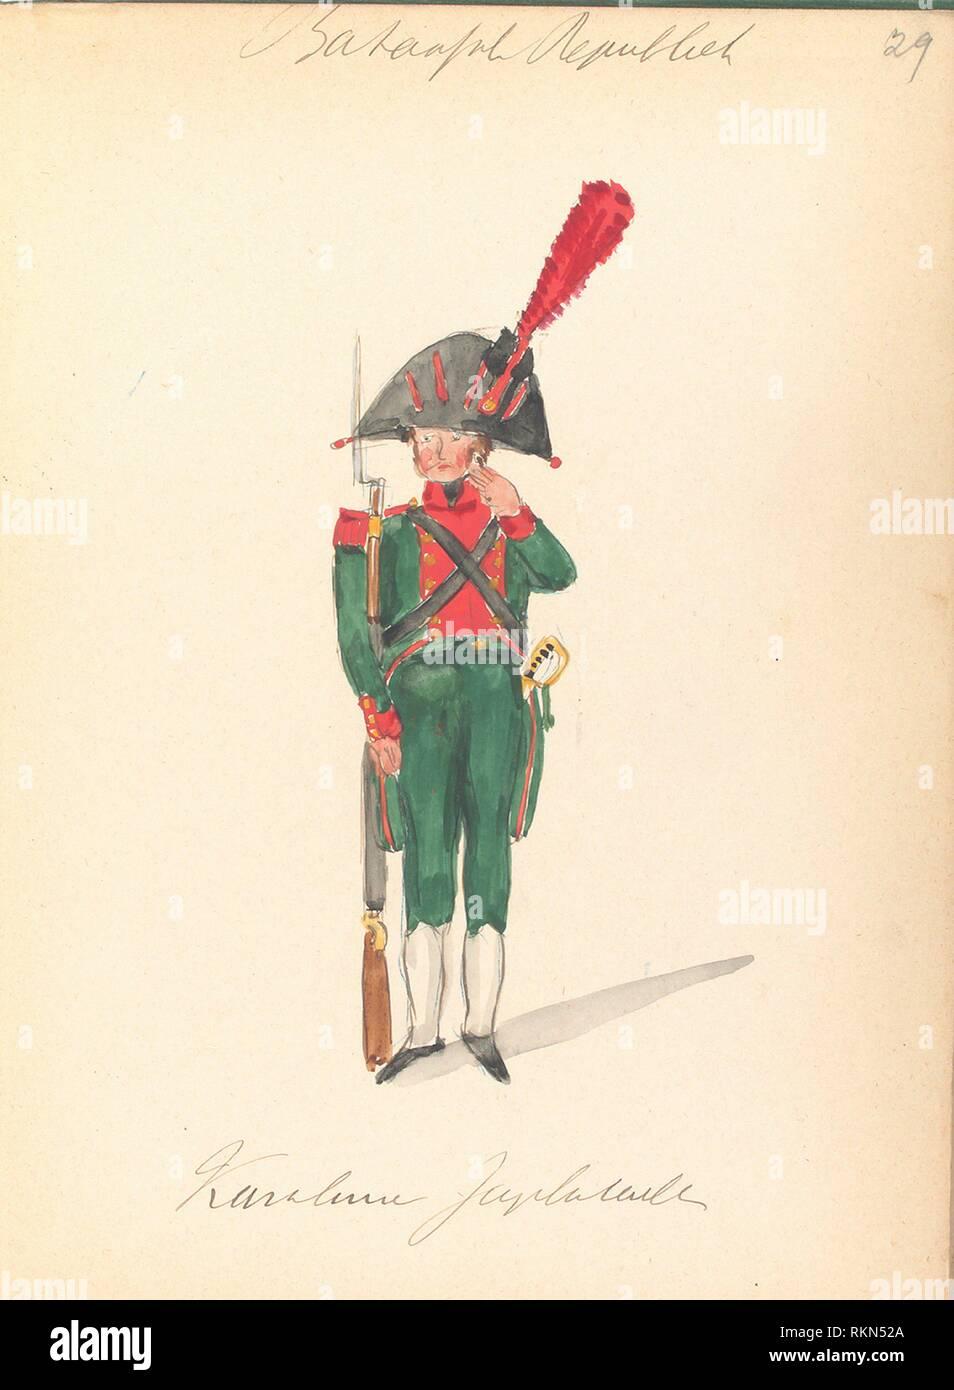 Bataafsche Republiek. Karabinier. 1805. Vinkhuijzen, Hendrik Jacobus (Collector). The Vinkhuijzen collection of military uniforms Netherlands - Stock Image